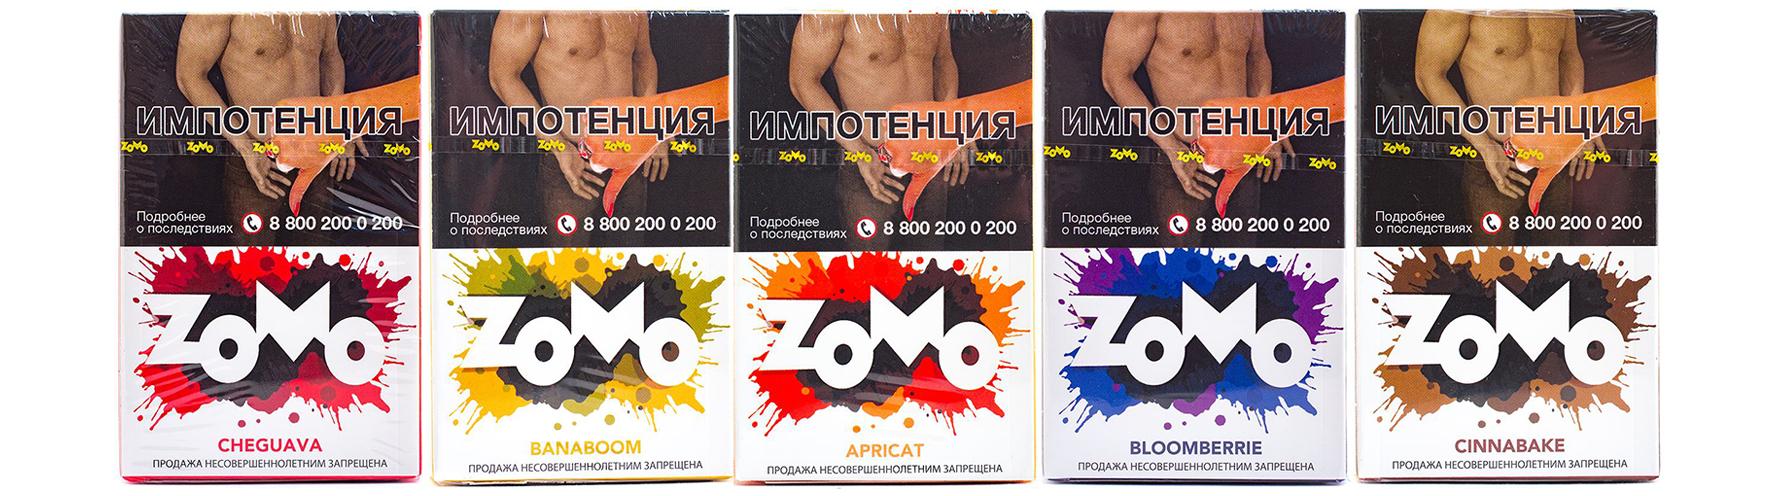 Табак для кальяна ZOMO - купить оптом на официальном сайте